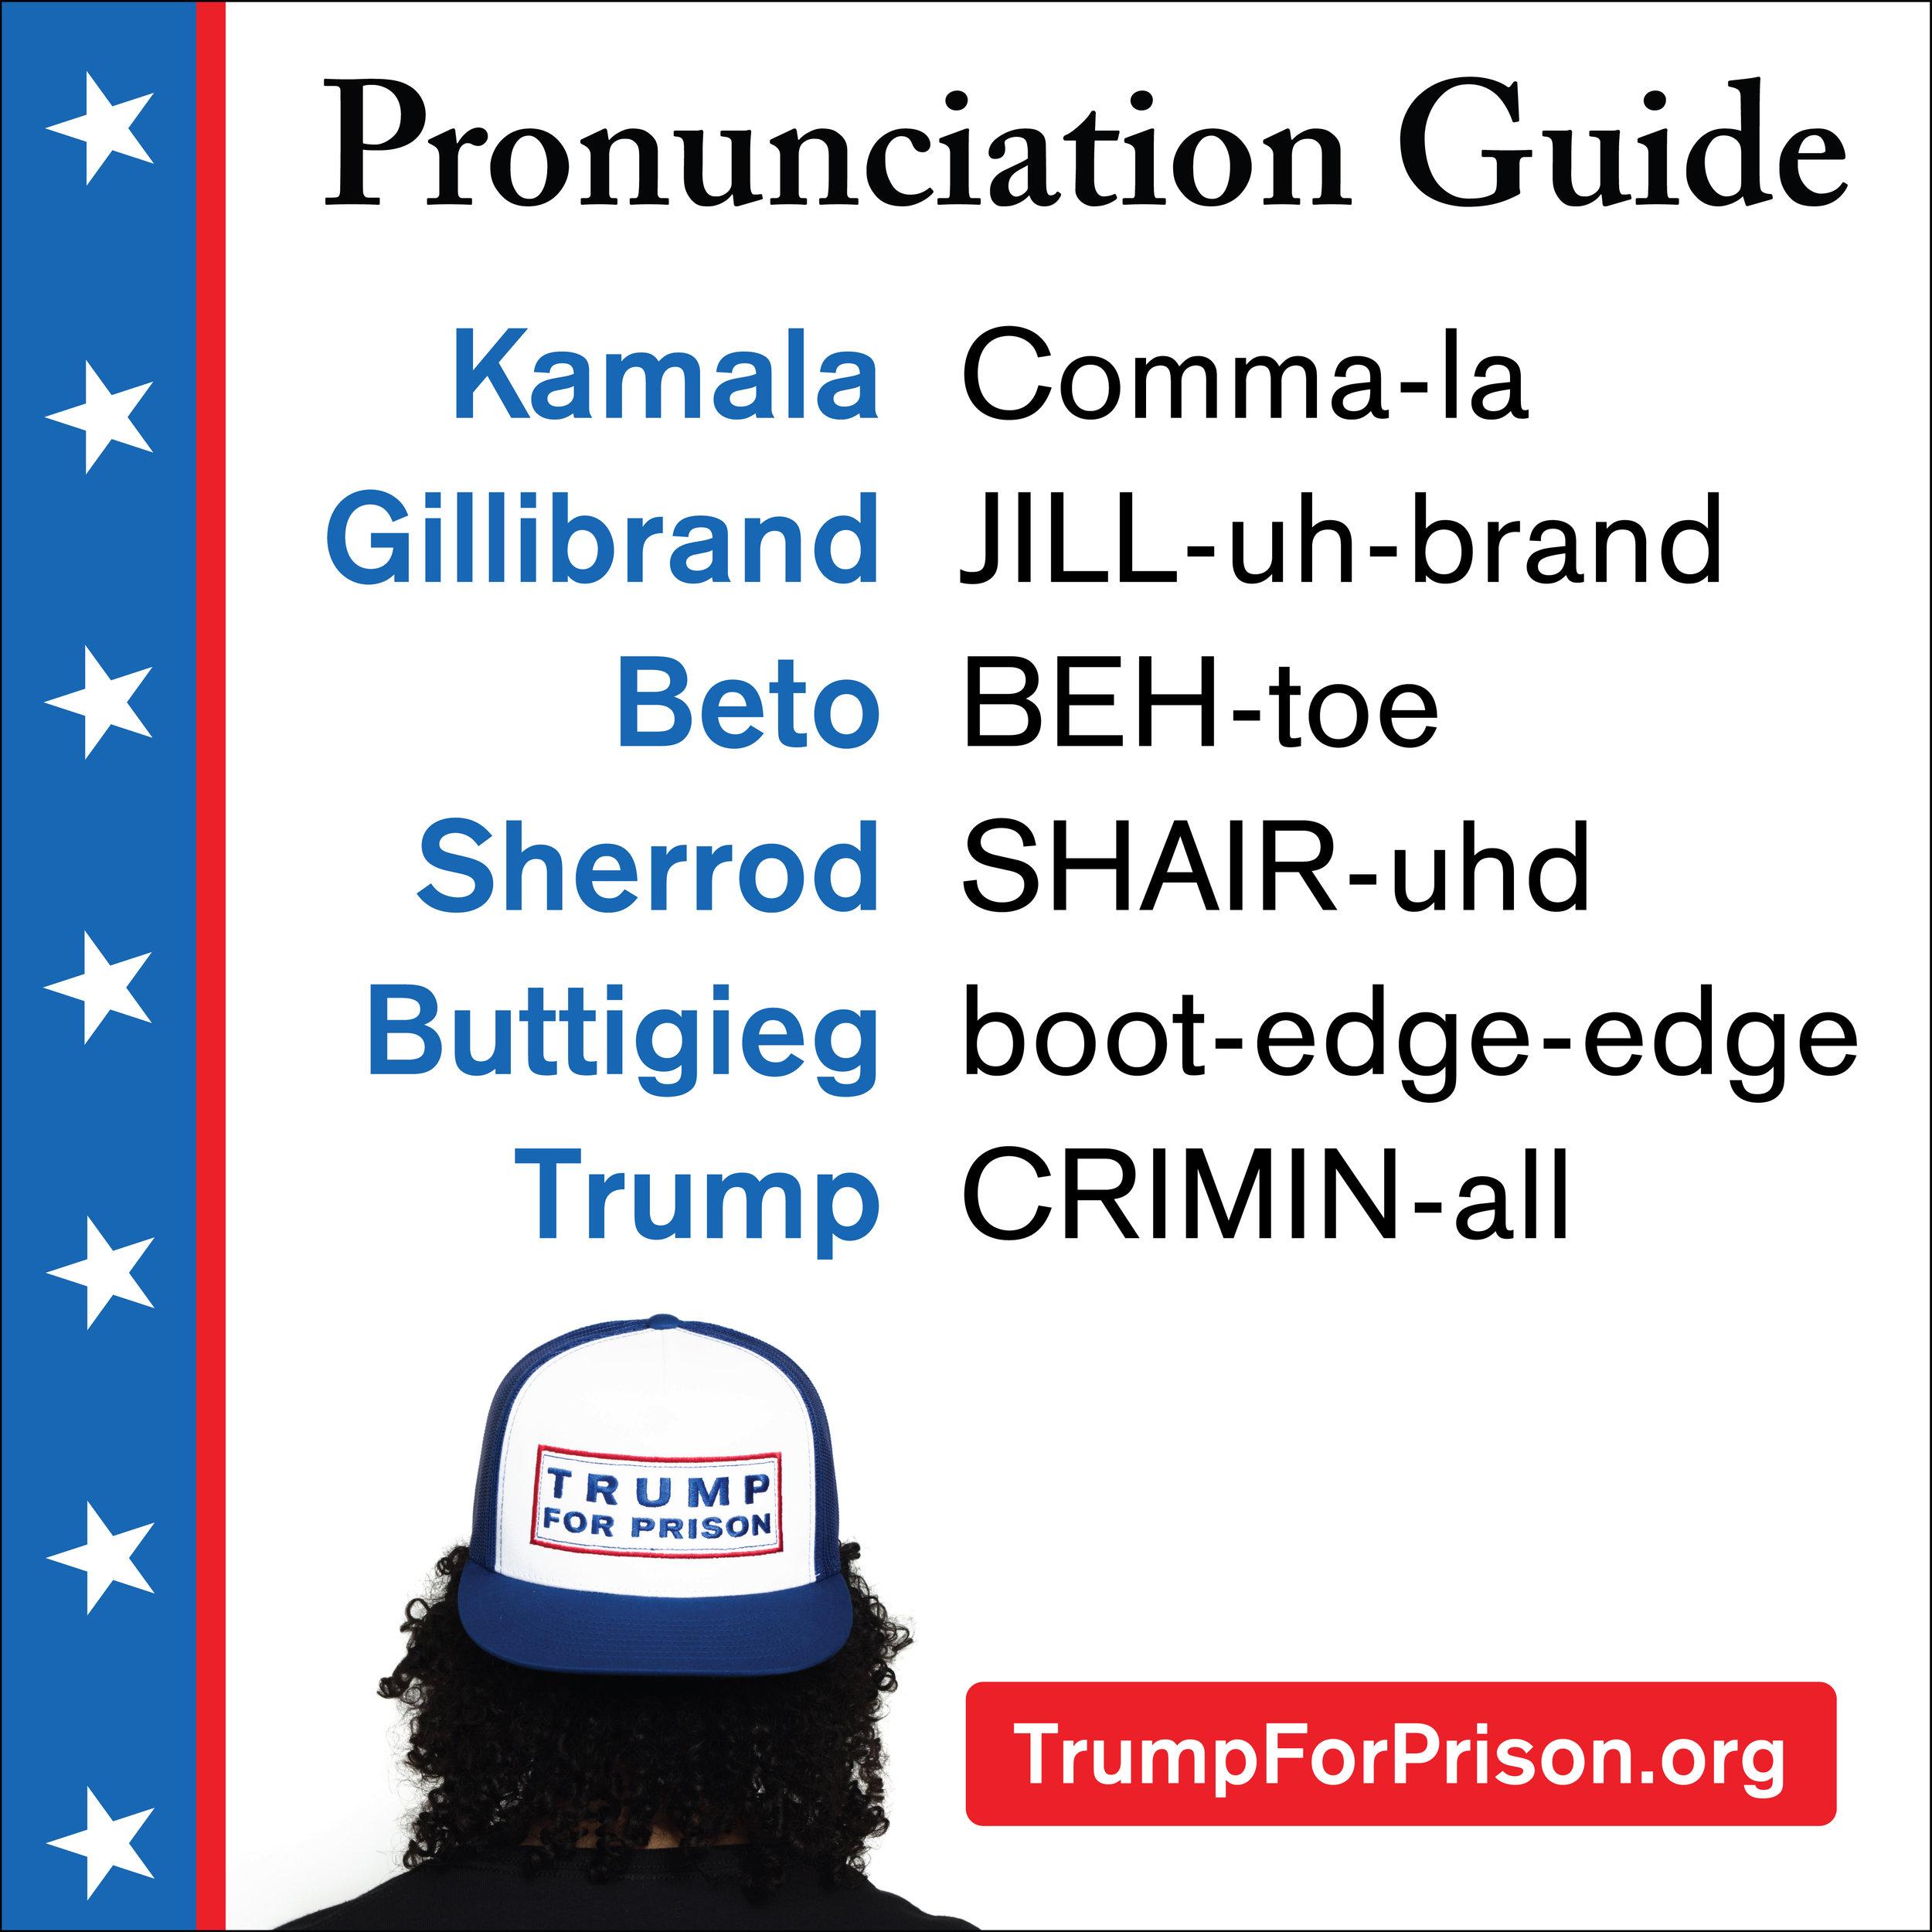 Handy Pronunciation Guide